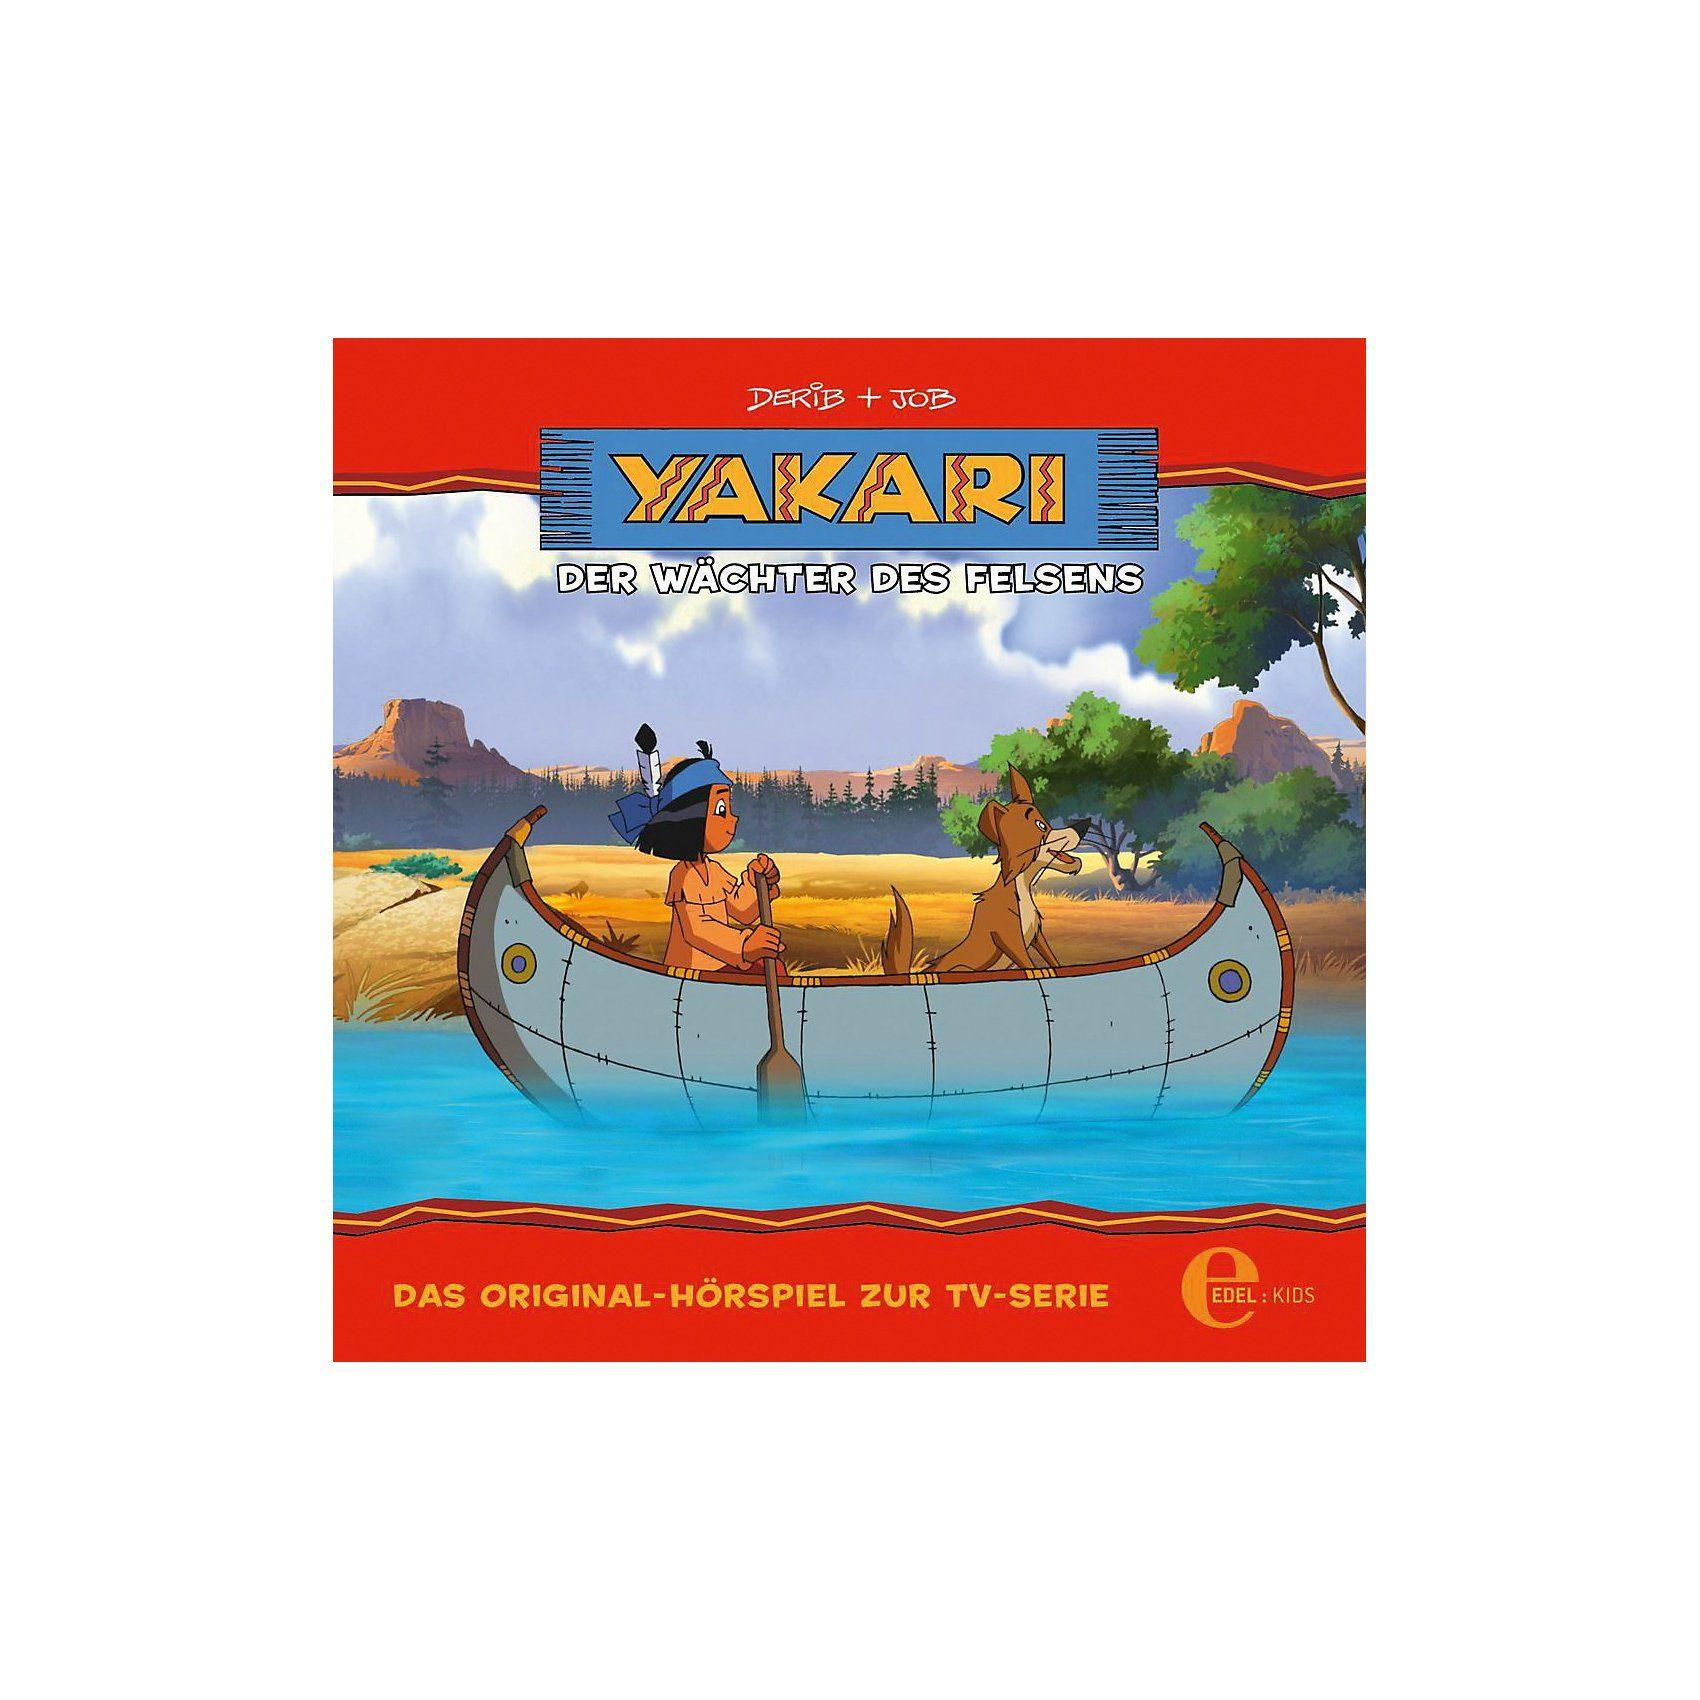 Edel CD Yakari 24 - Der Wächter des Felsens